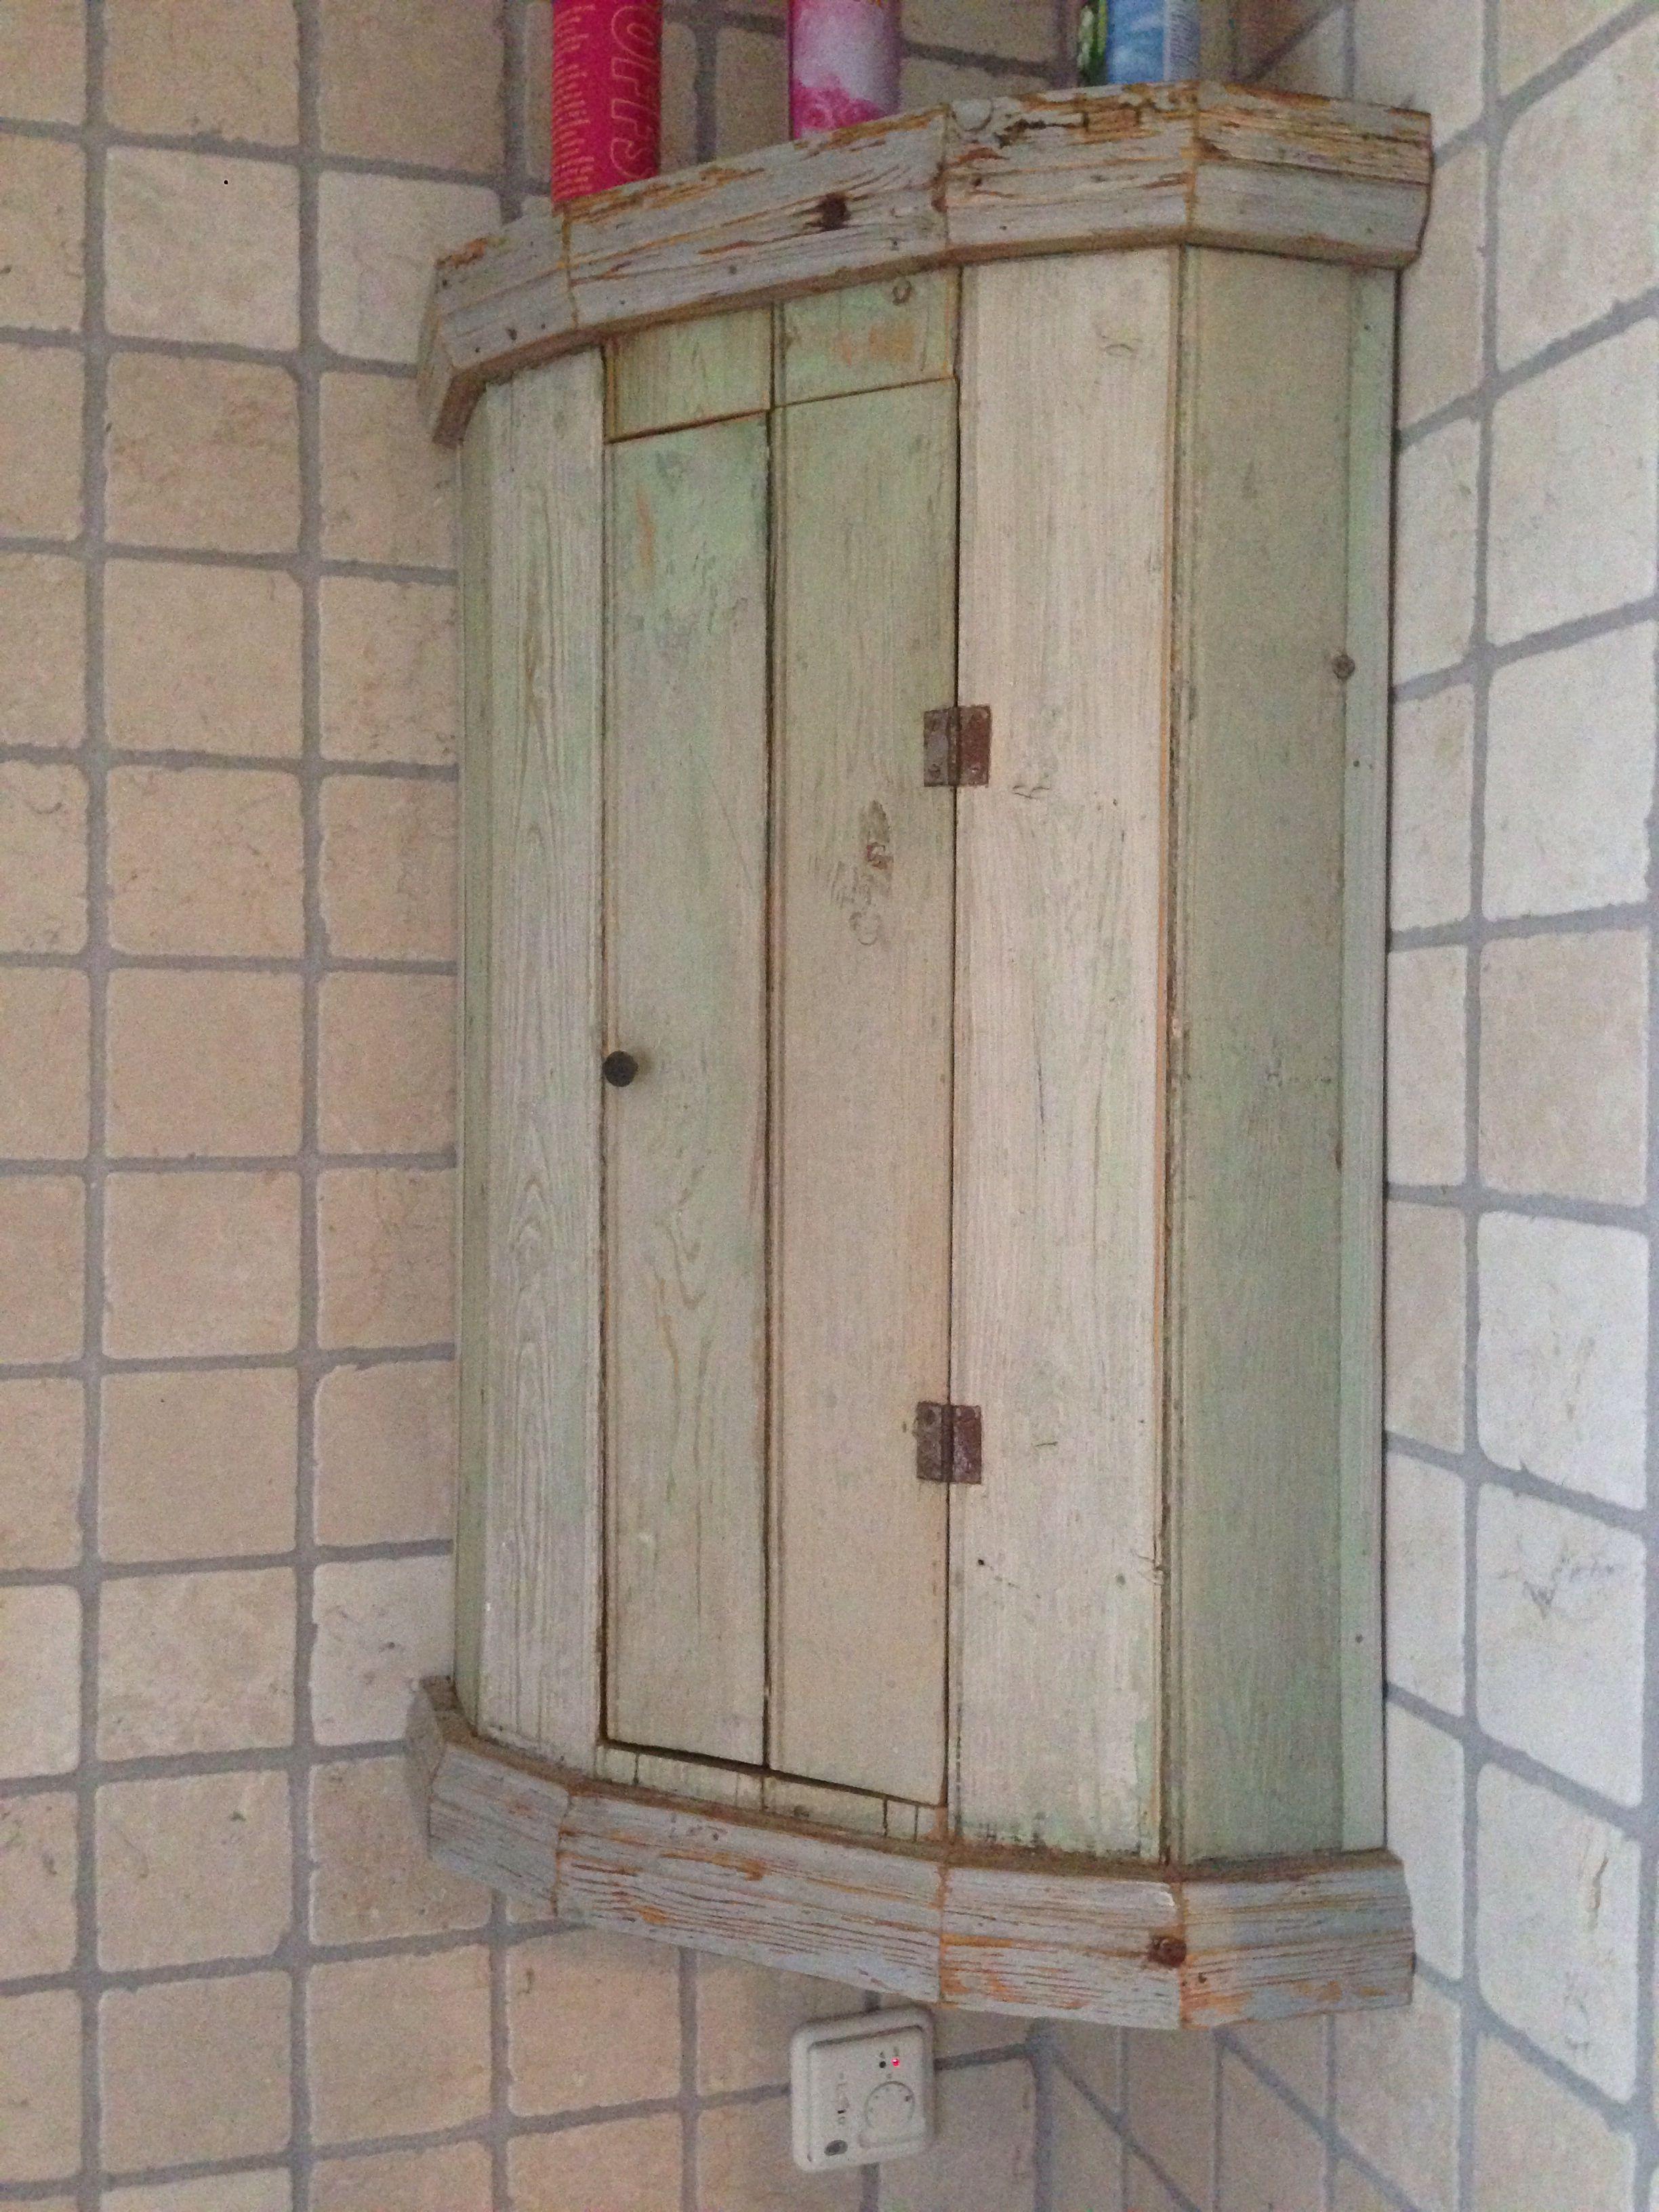 Älskar badrumsskåpet i nya huset. Allt behöver inte vara nytt